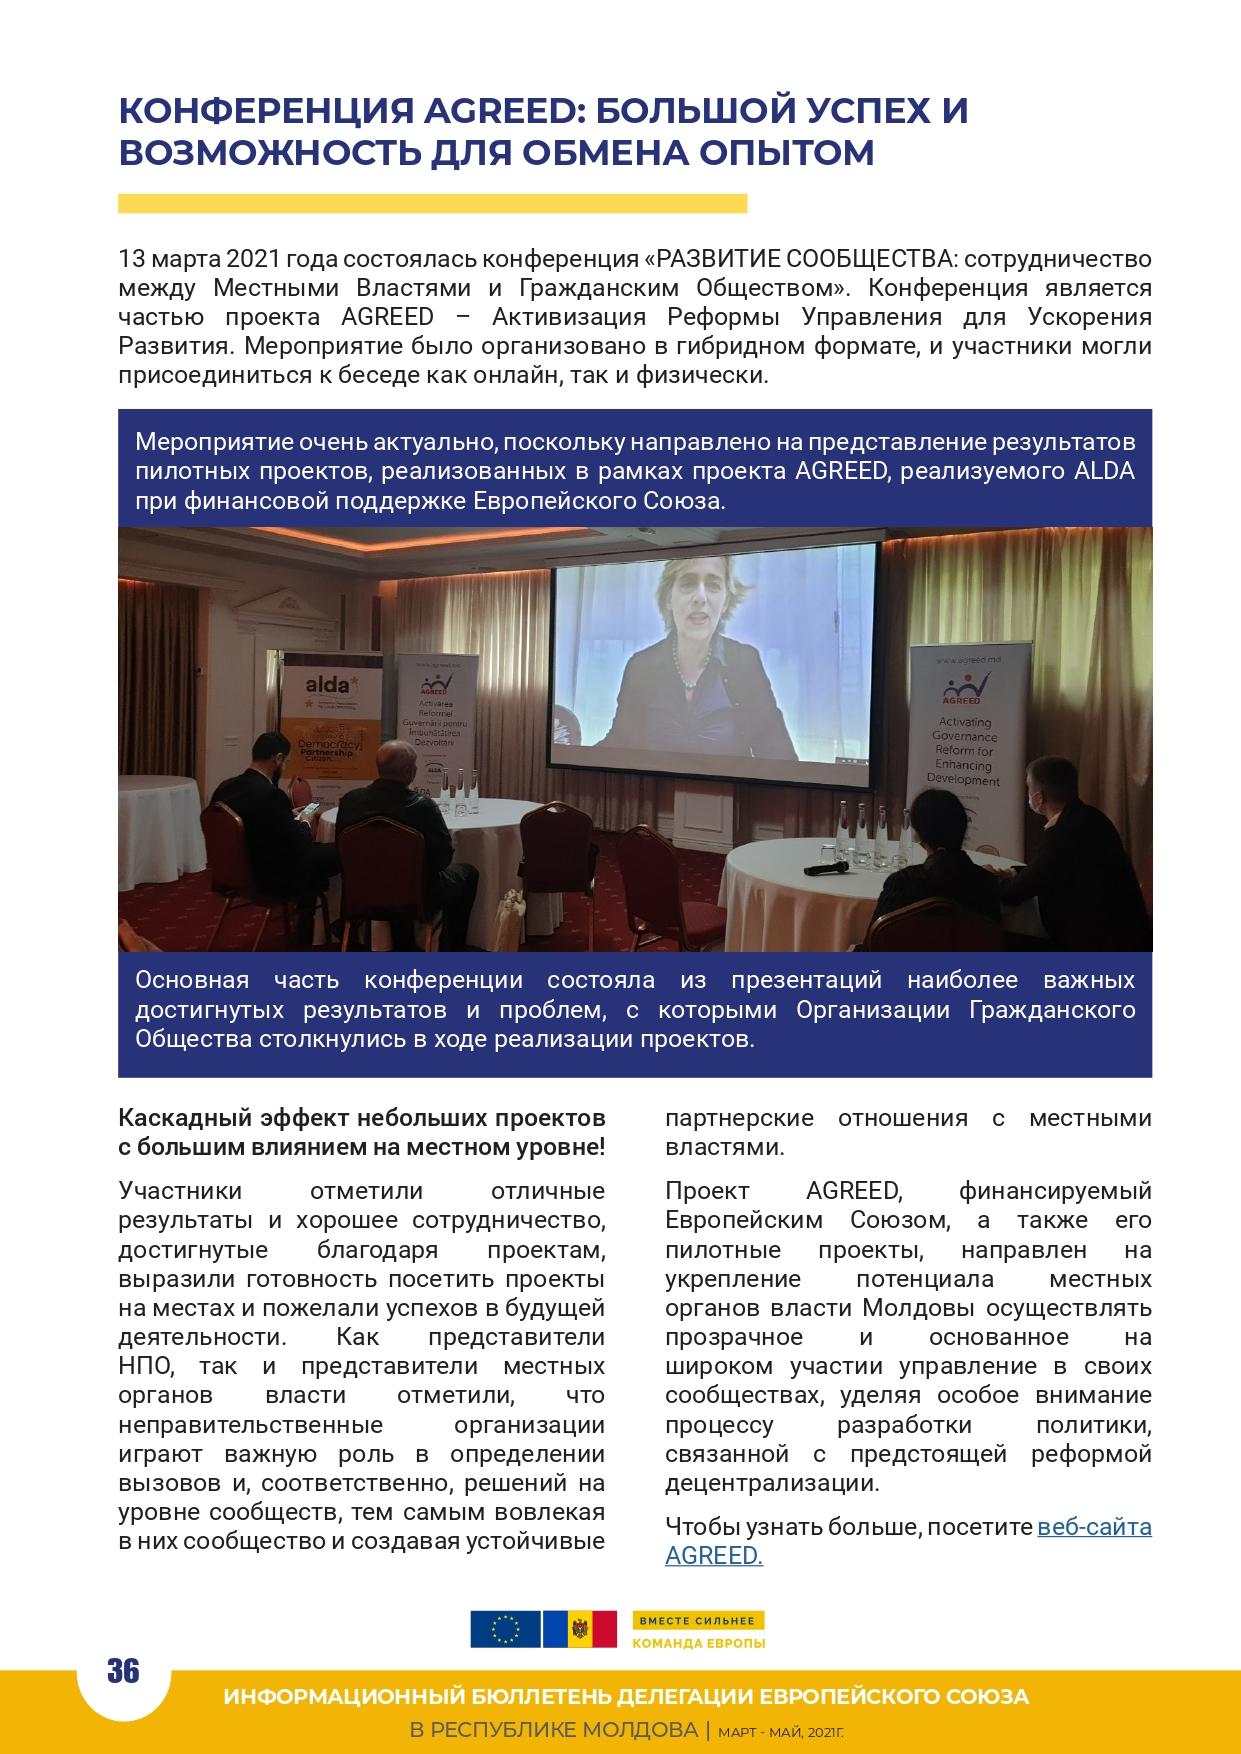 7-й информационный бюллетень ЕС — Конференция по оценке Пилотных Проектов в рамках AGREED